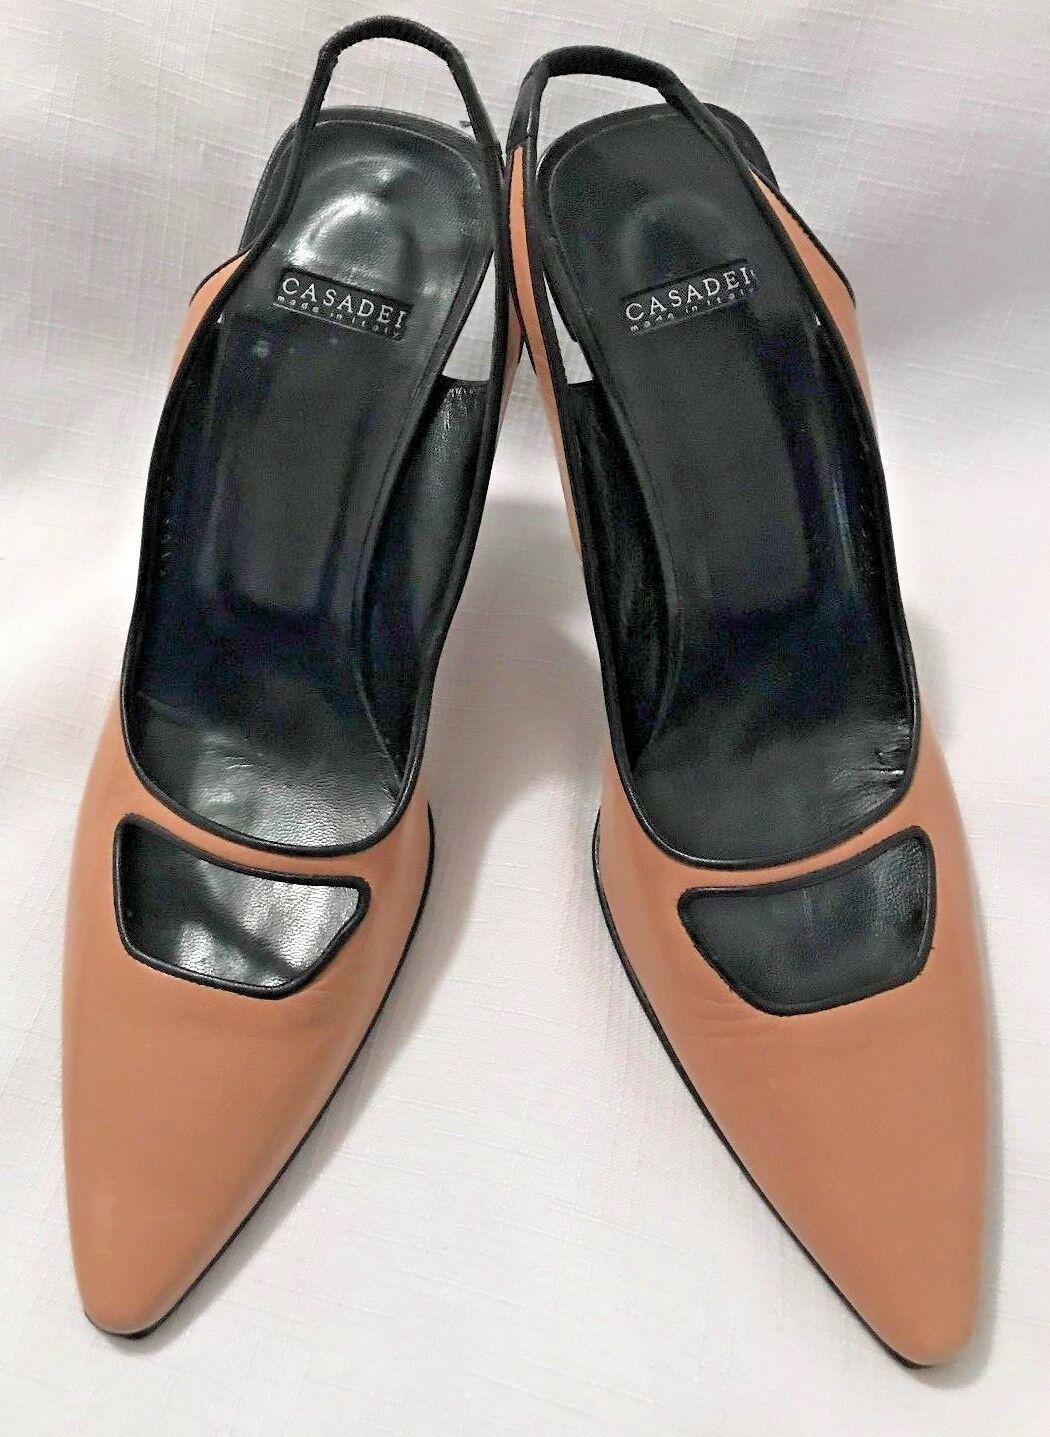 100% nuovo di zecca con qualità originale NWOB CASADEI  donna donna donna Tan & nero Heels-Dimensione 7B-Made In   i nuovi marchi outlet online